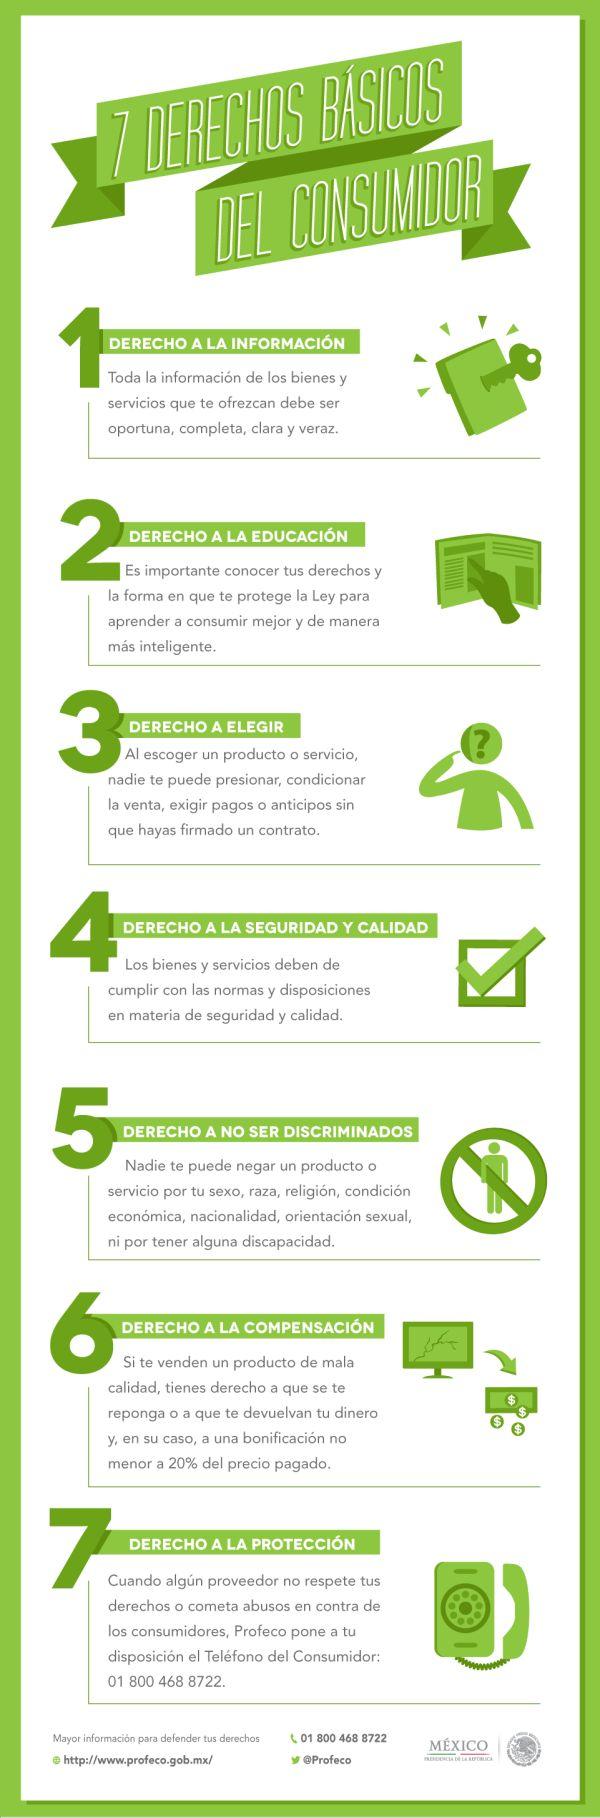 Guía sobre los derechos básicos del consumidor.